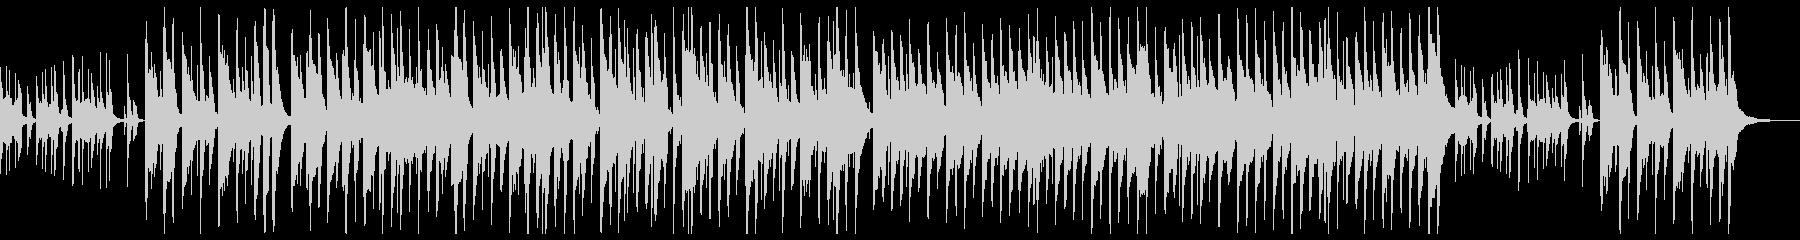 リコーダーと木琴による愉快なポップスの未再生の波形